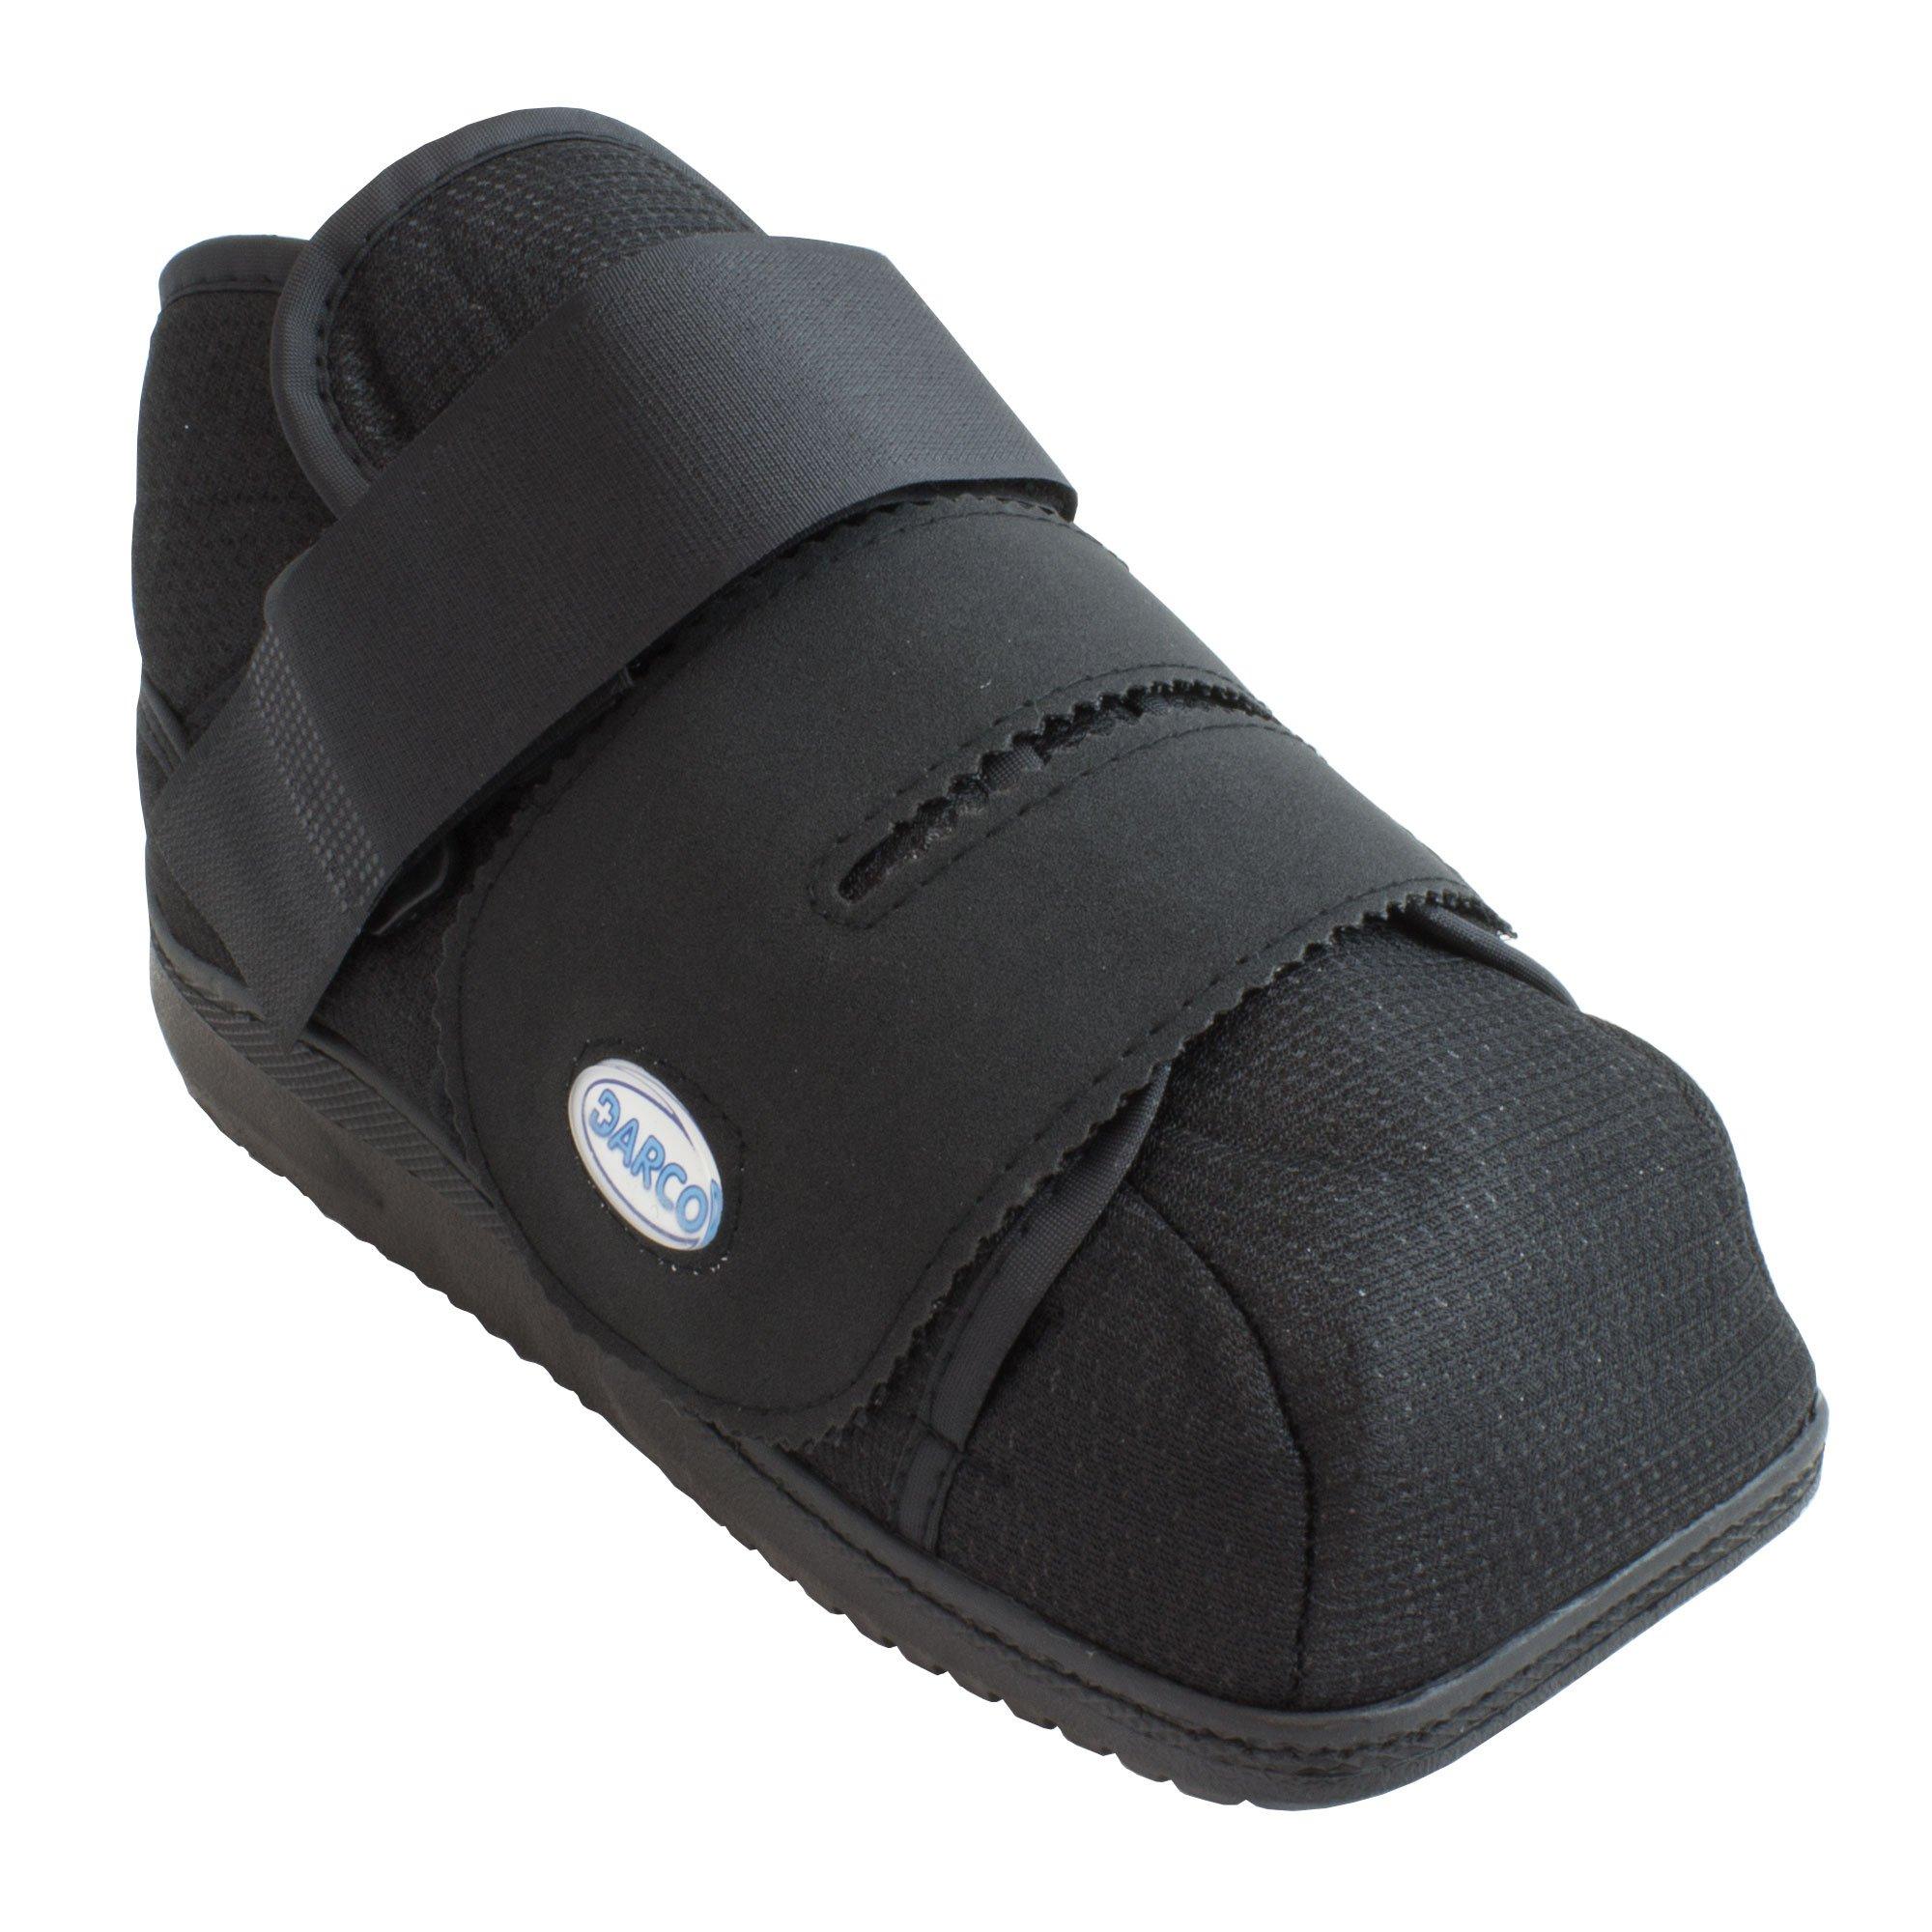 Darco Walking Shoe